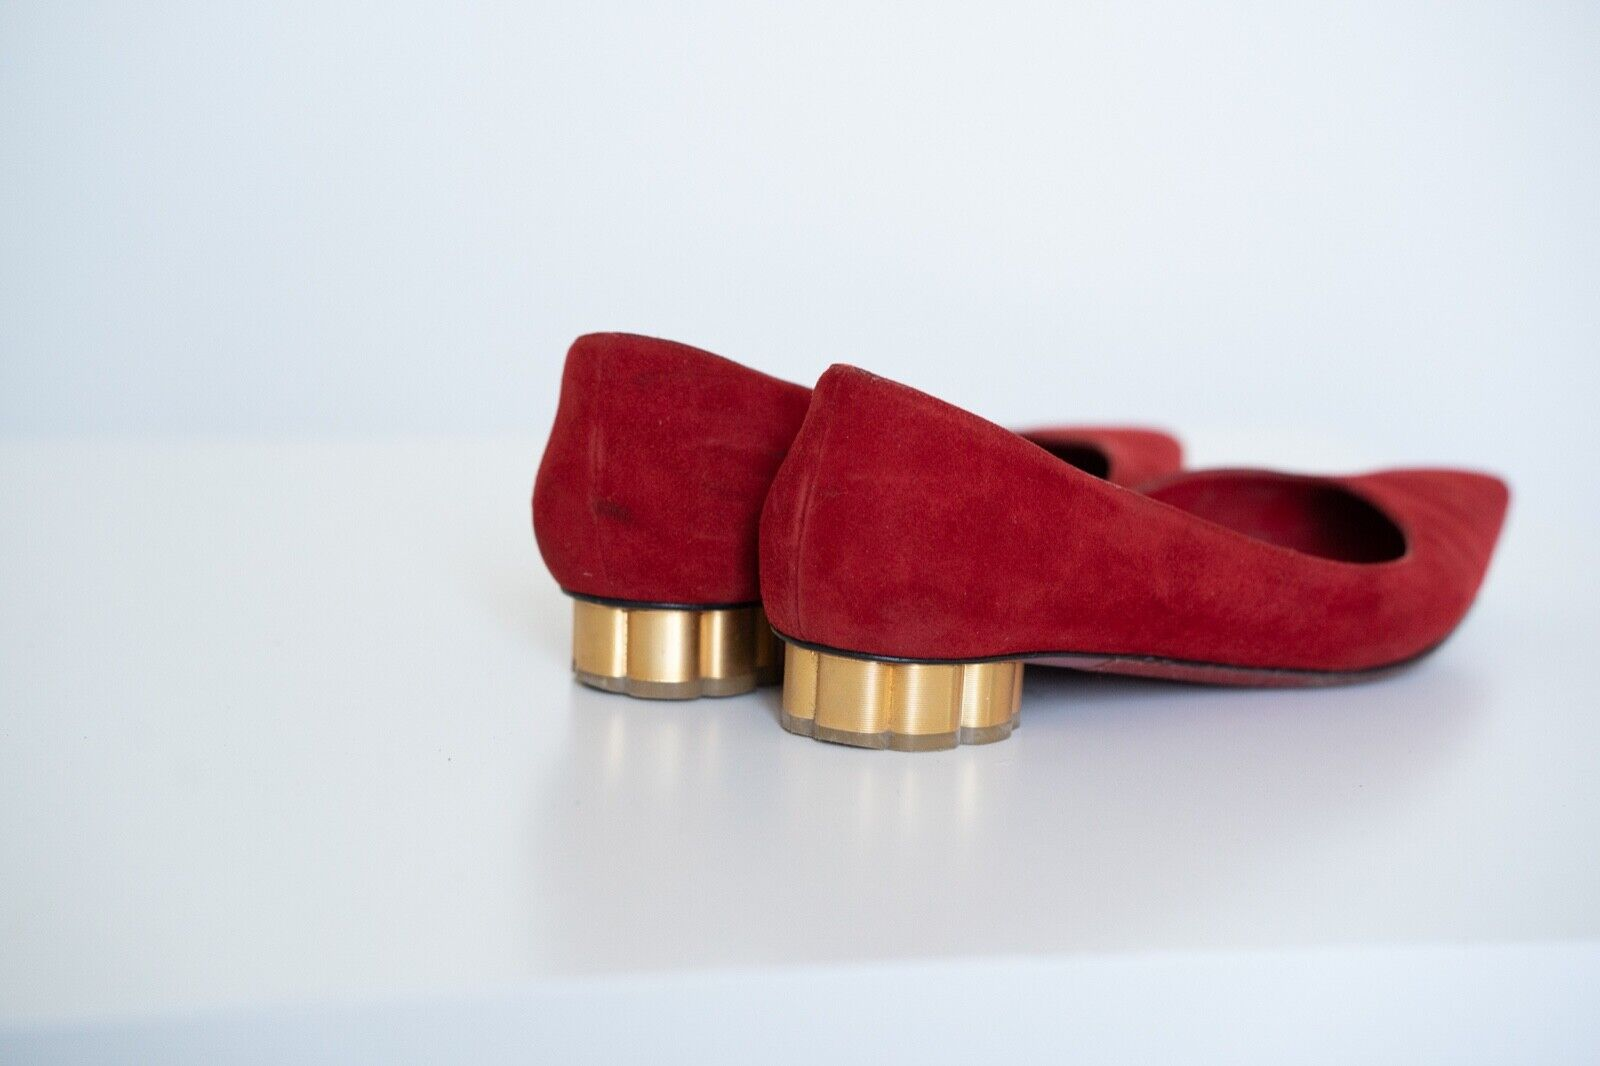 Ferragamo Bari Red Lipstick Suede 2cm Flats Flats Flats with gold Heel Sz 7 49e1e4